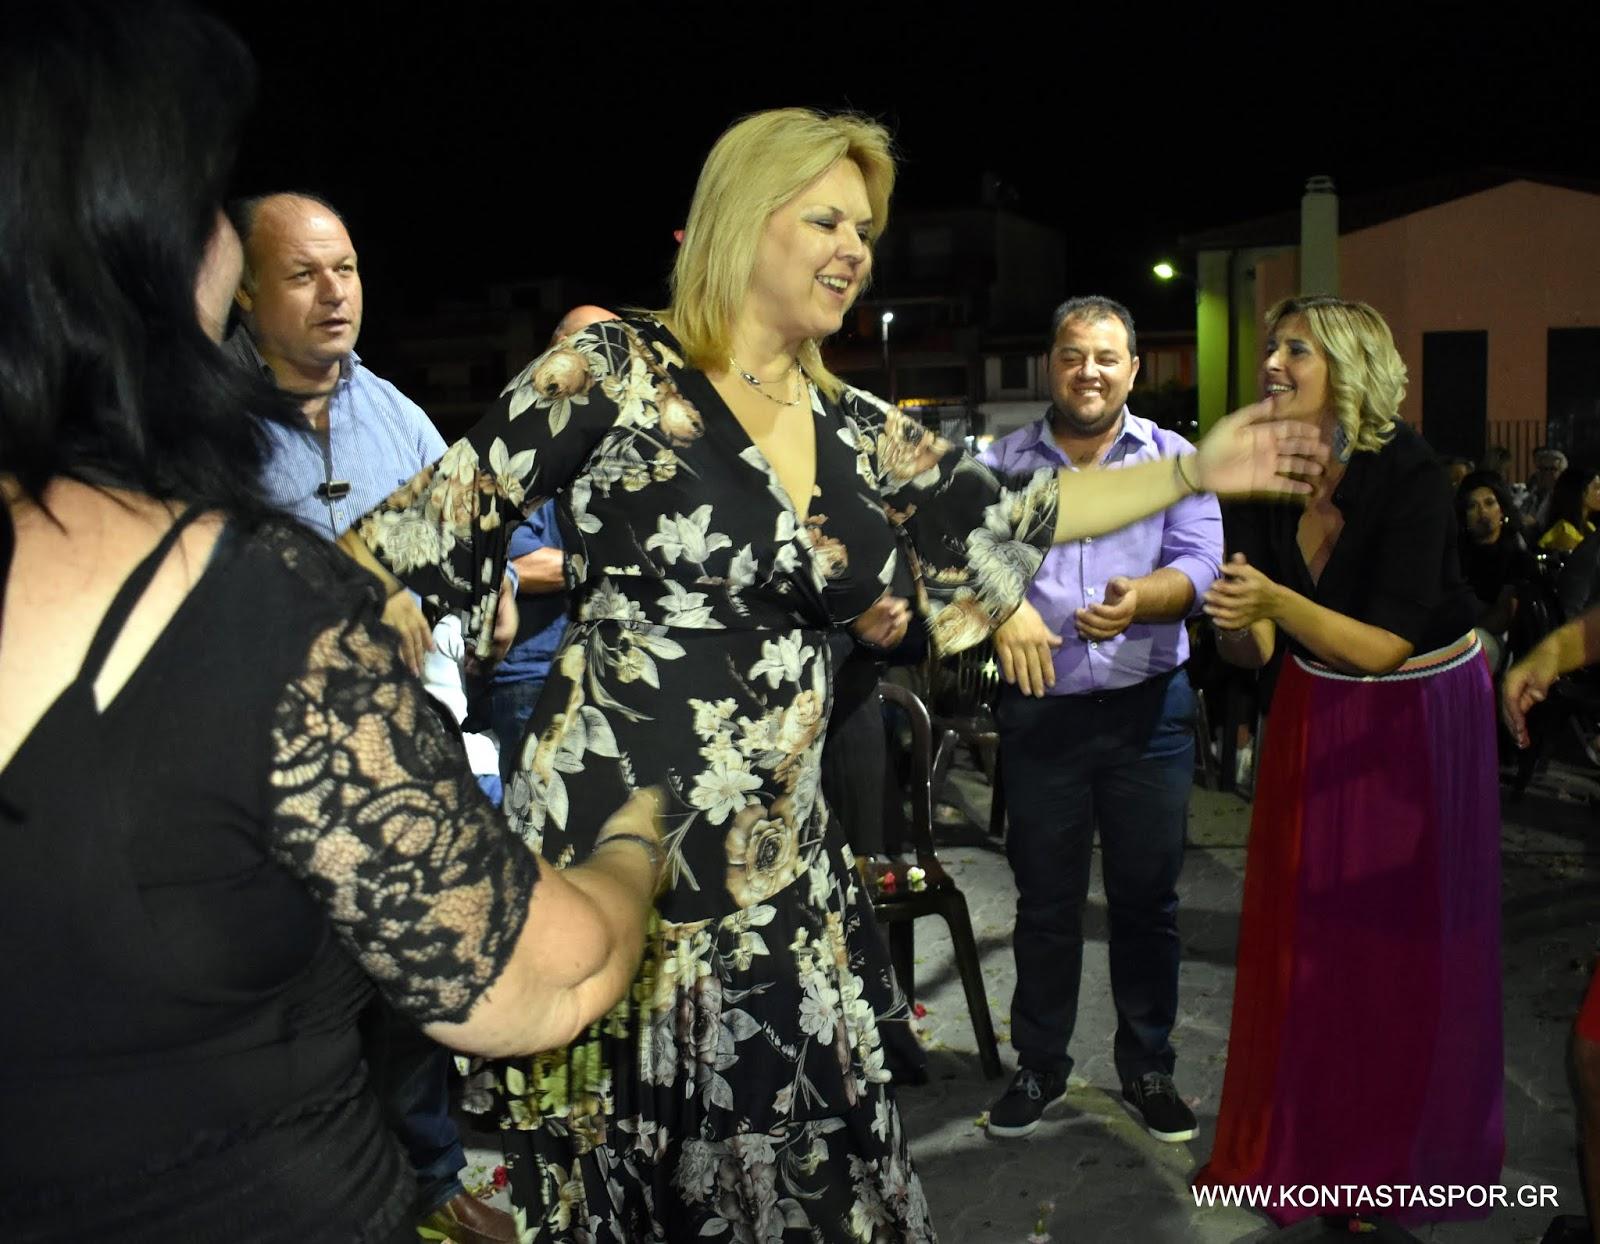 Με επιτυχία η λαική βραδιά  Αδαμαντίδη στα Ψαχνά (φωτογραφίες) 1 DSC 0300